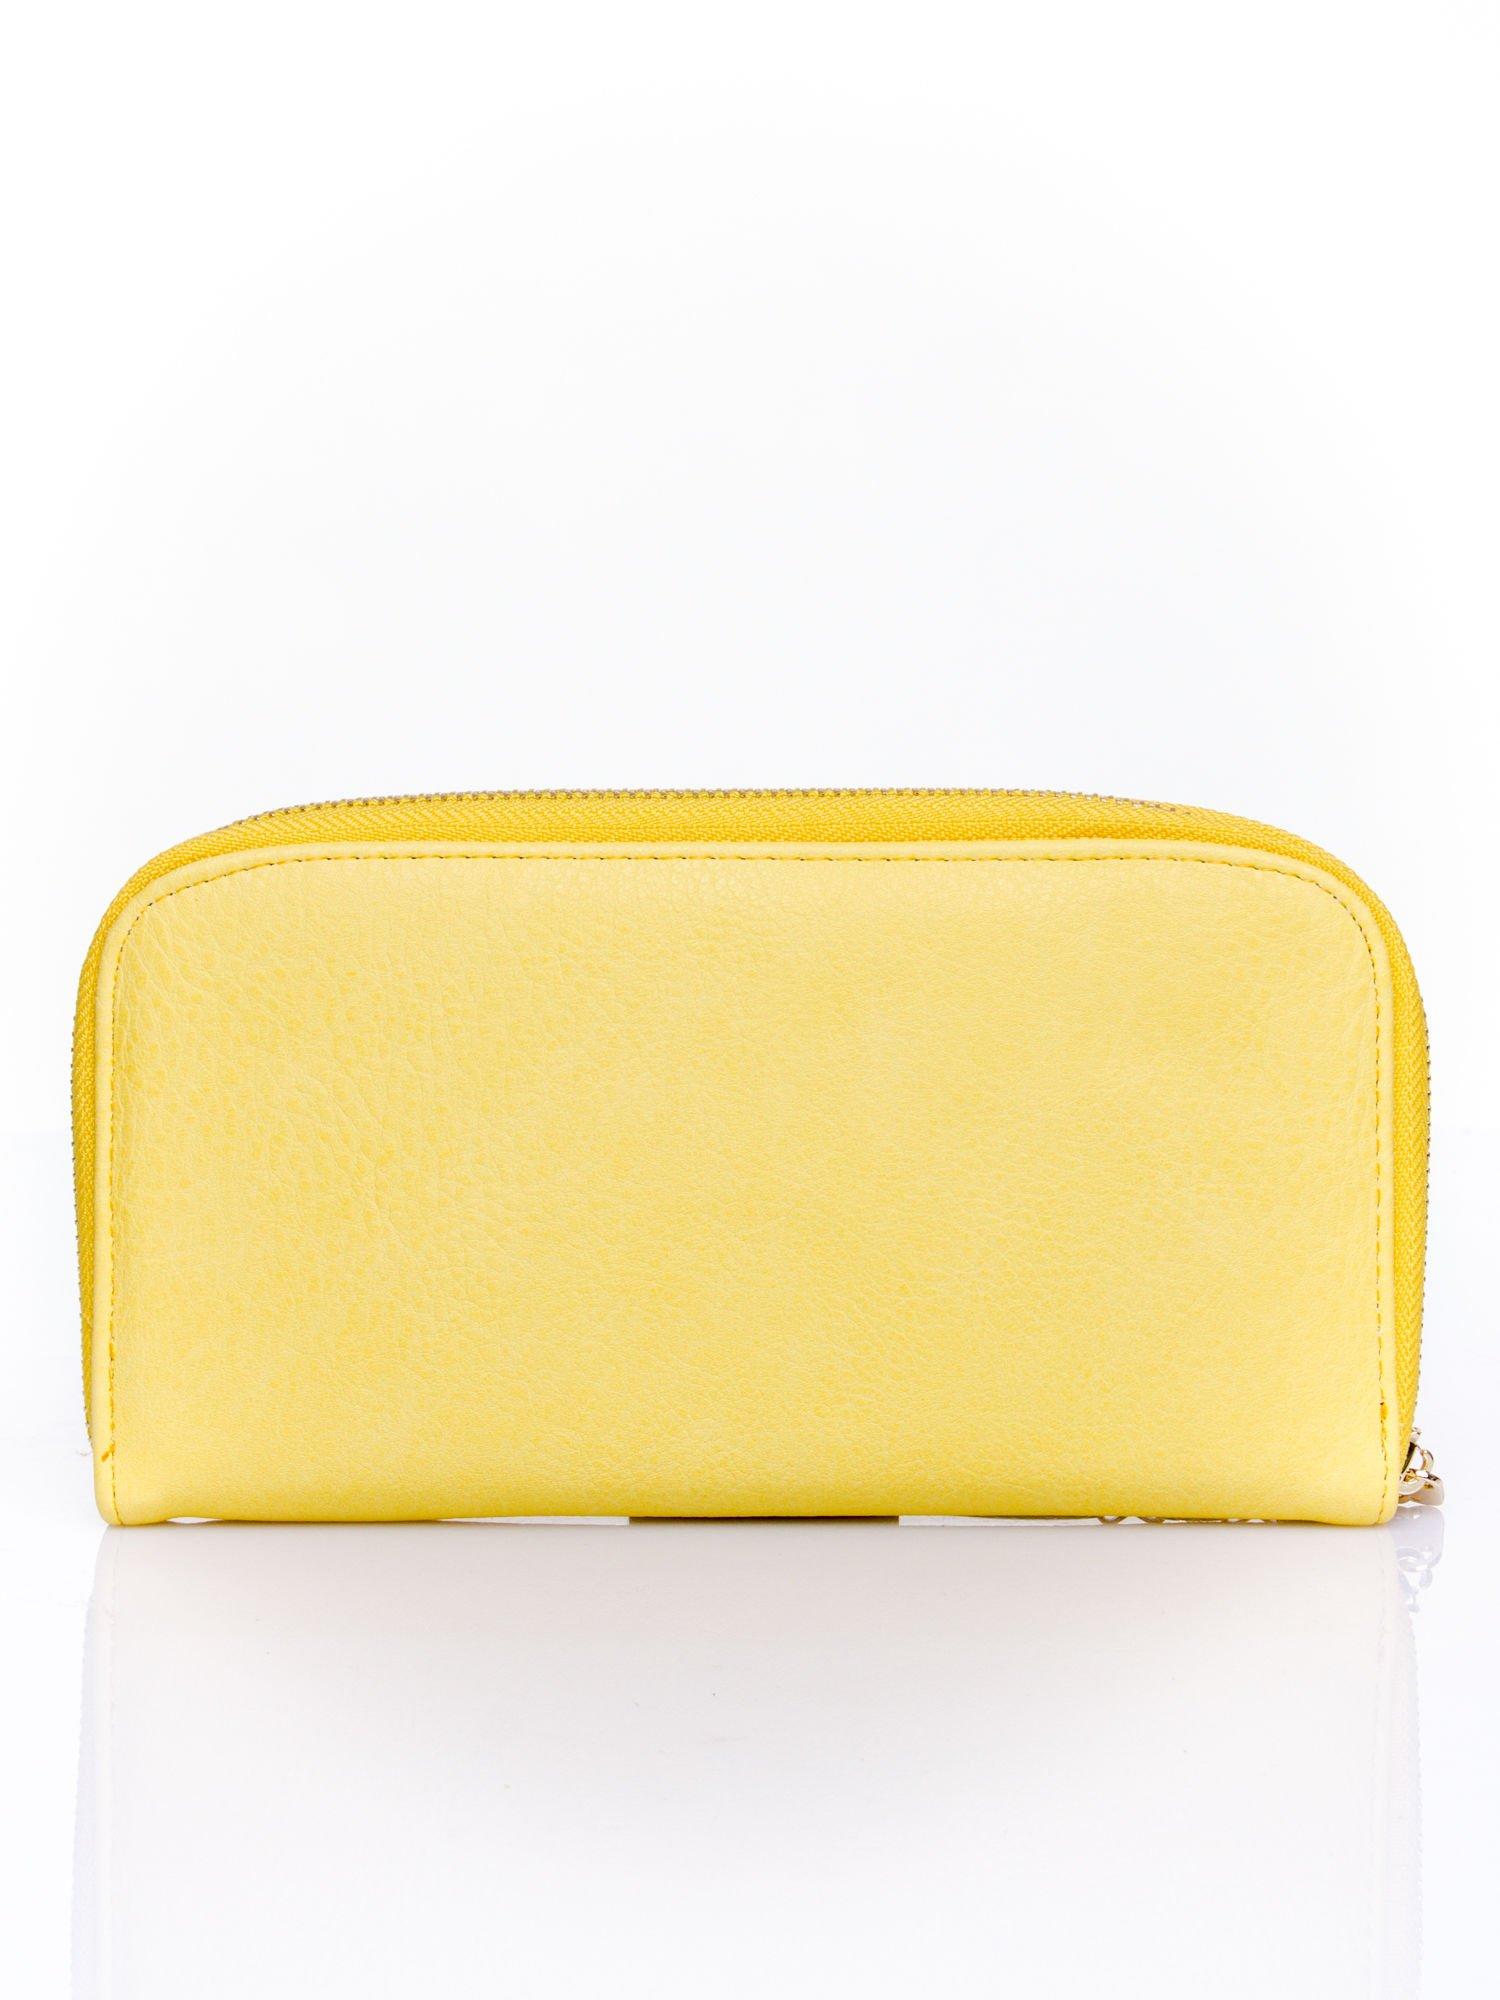 Żółty zasuwany portfel w kwiatki                                  zdj.                                  2